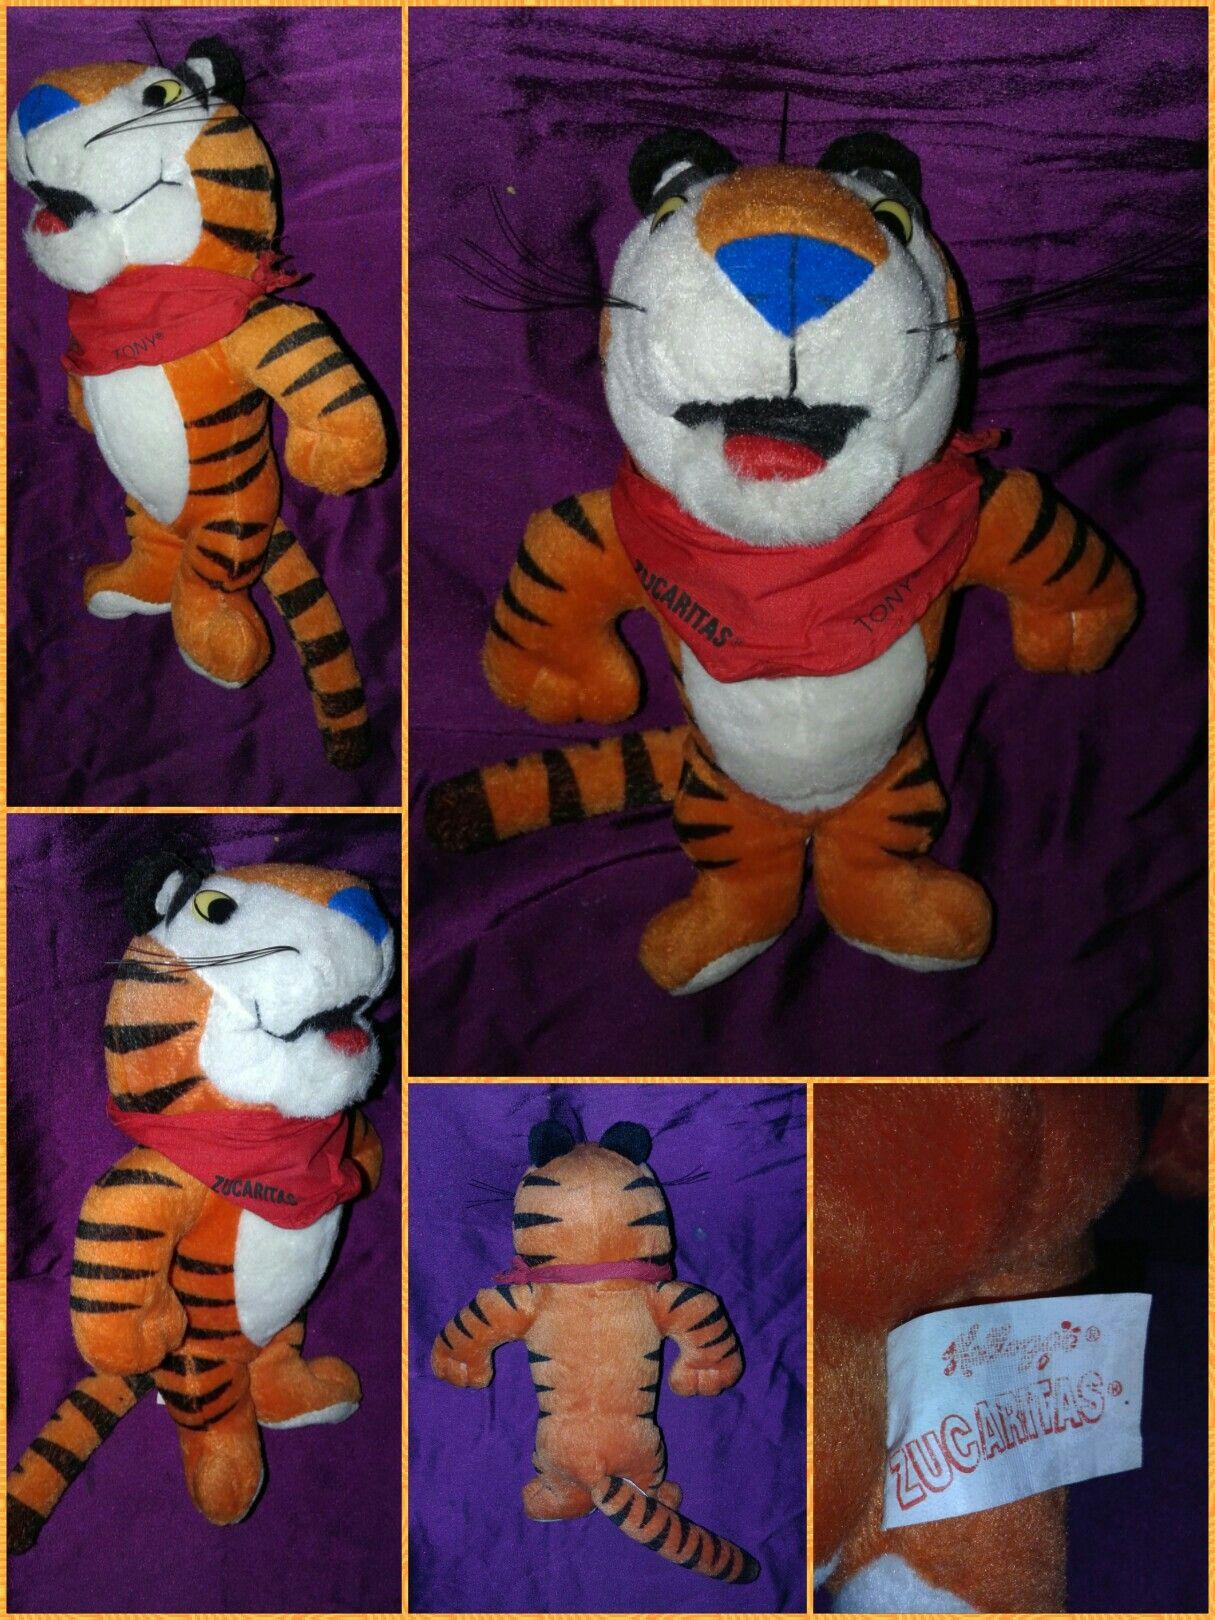 Peluche Tigre Tony Publicidad Zucaritas Kelloggs Recupera  # Muebles Bebotes